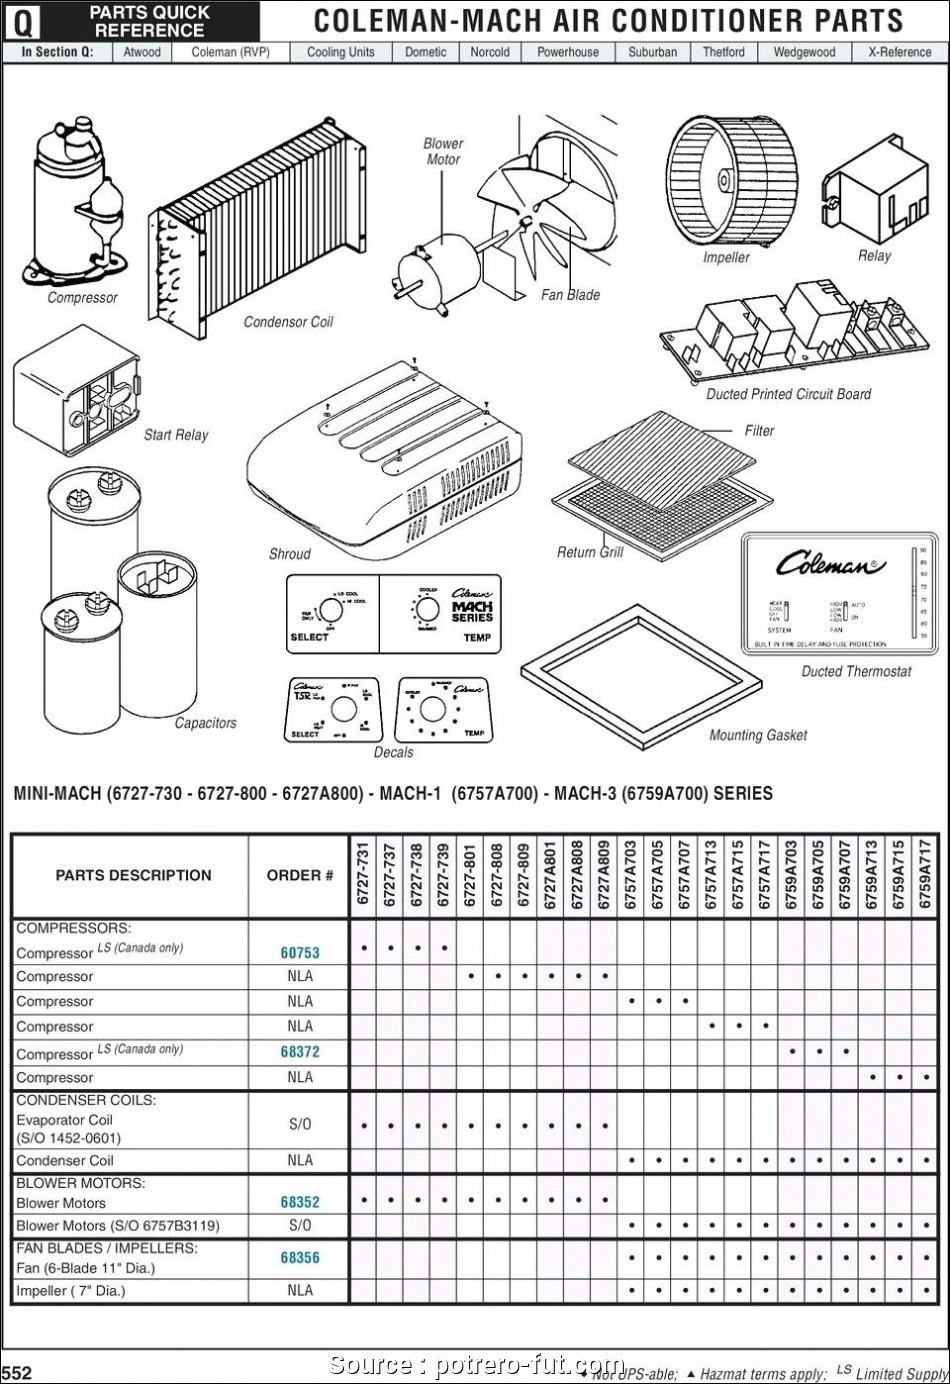 Rv Comfort Hc Coleman Mach Thermostat Wiring Diagram | Wiring Diagram - Coleman Mach Thermostat Wiring Diagram